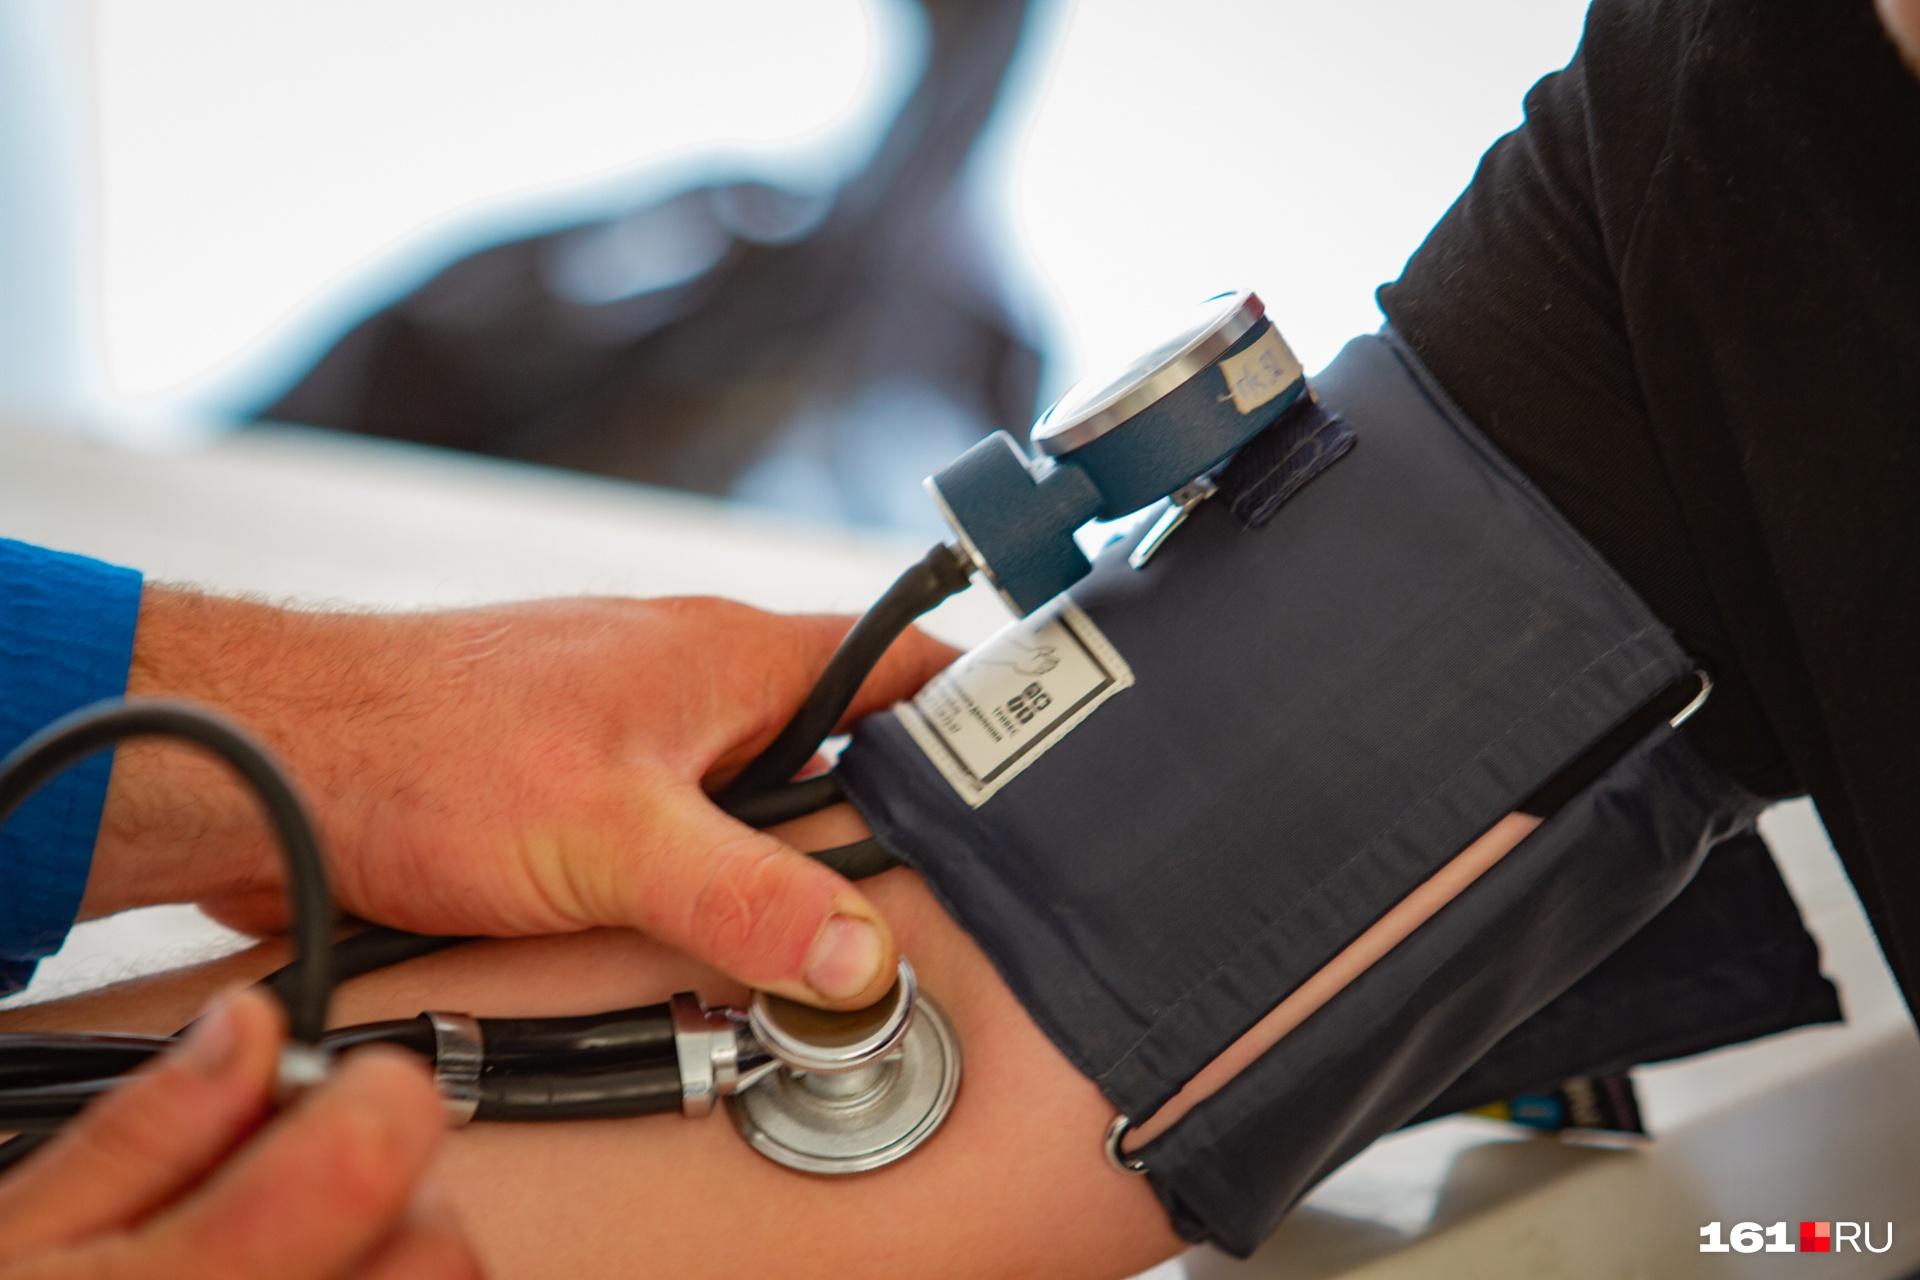 Перед вакциной людей будут осматривать врачи